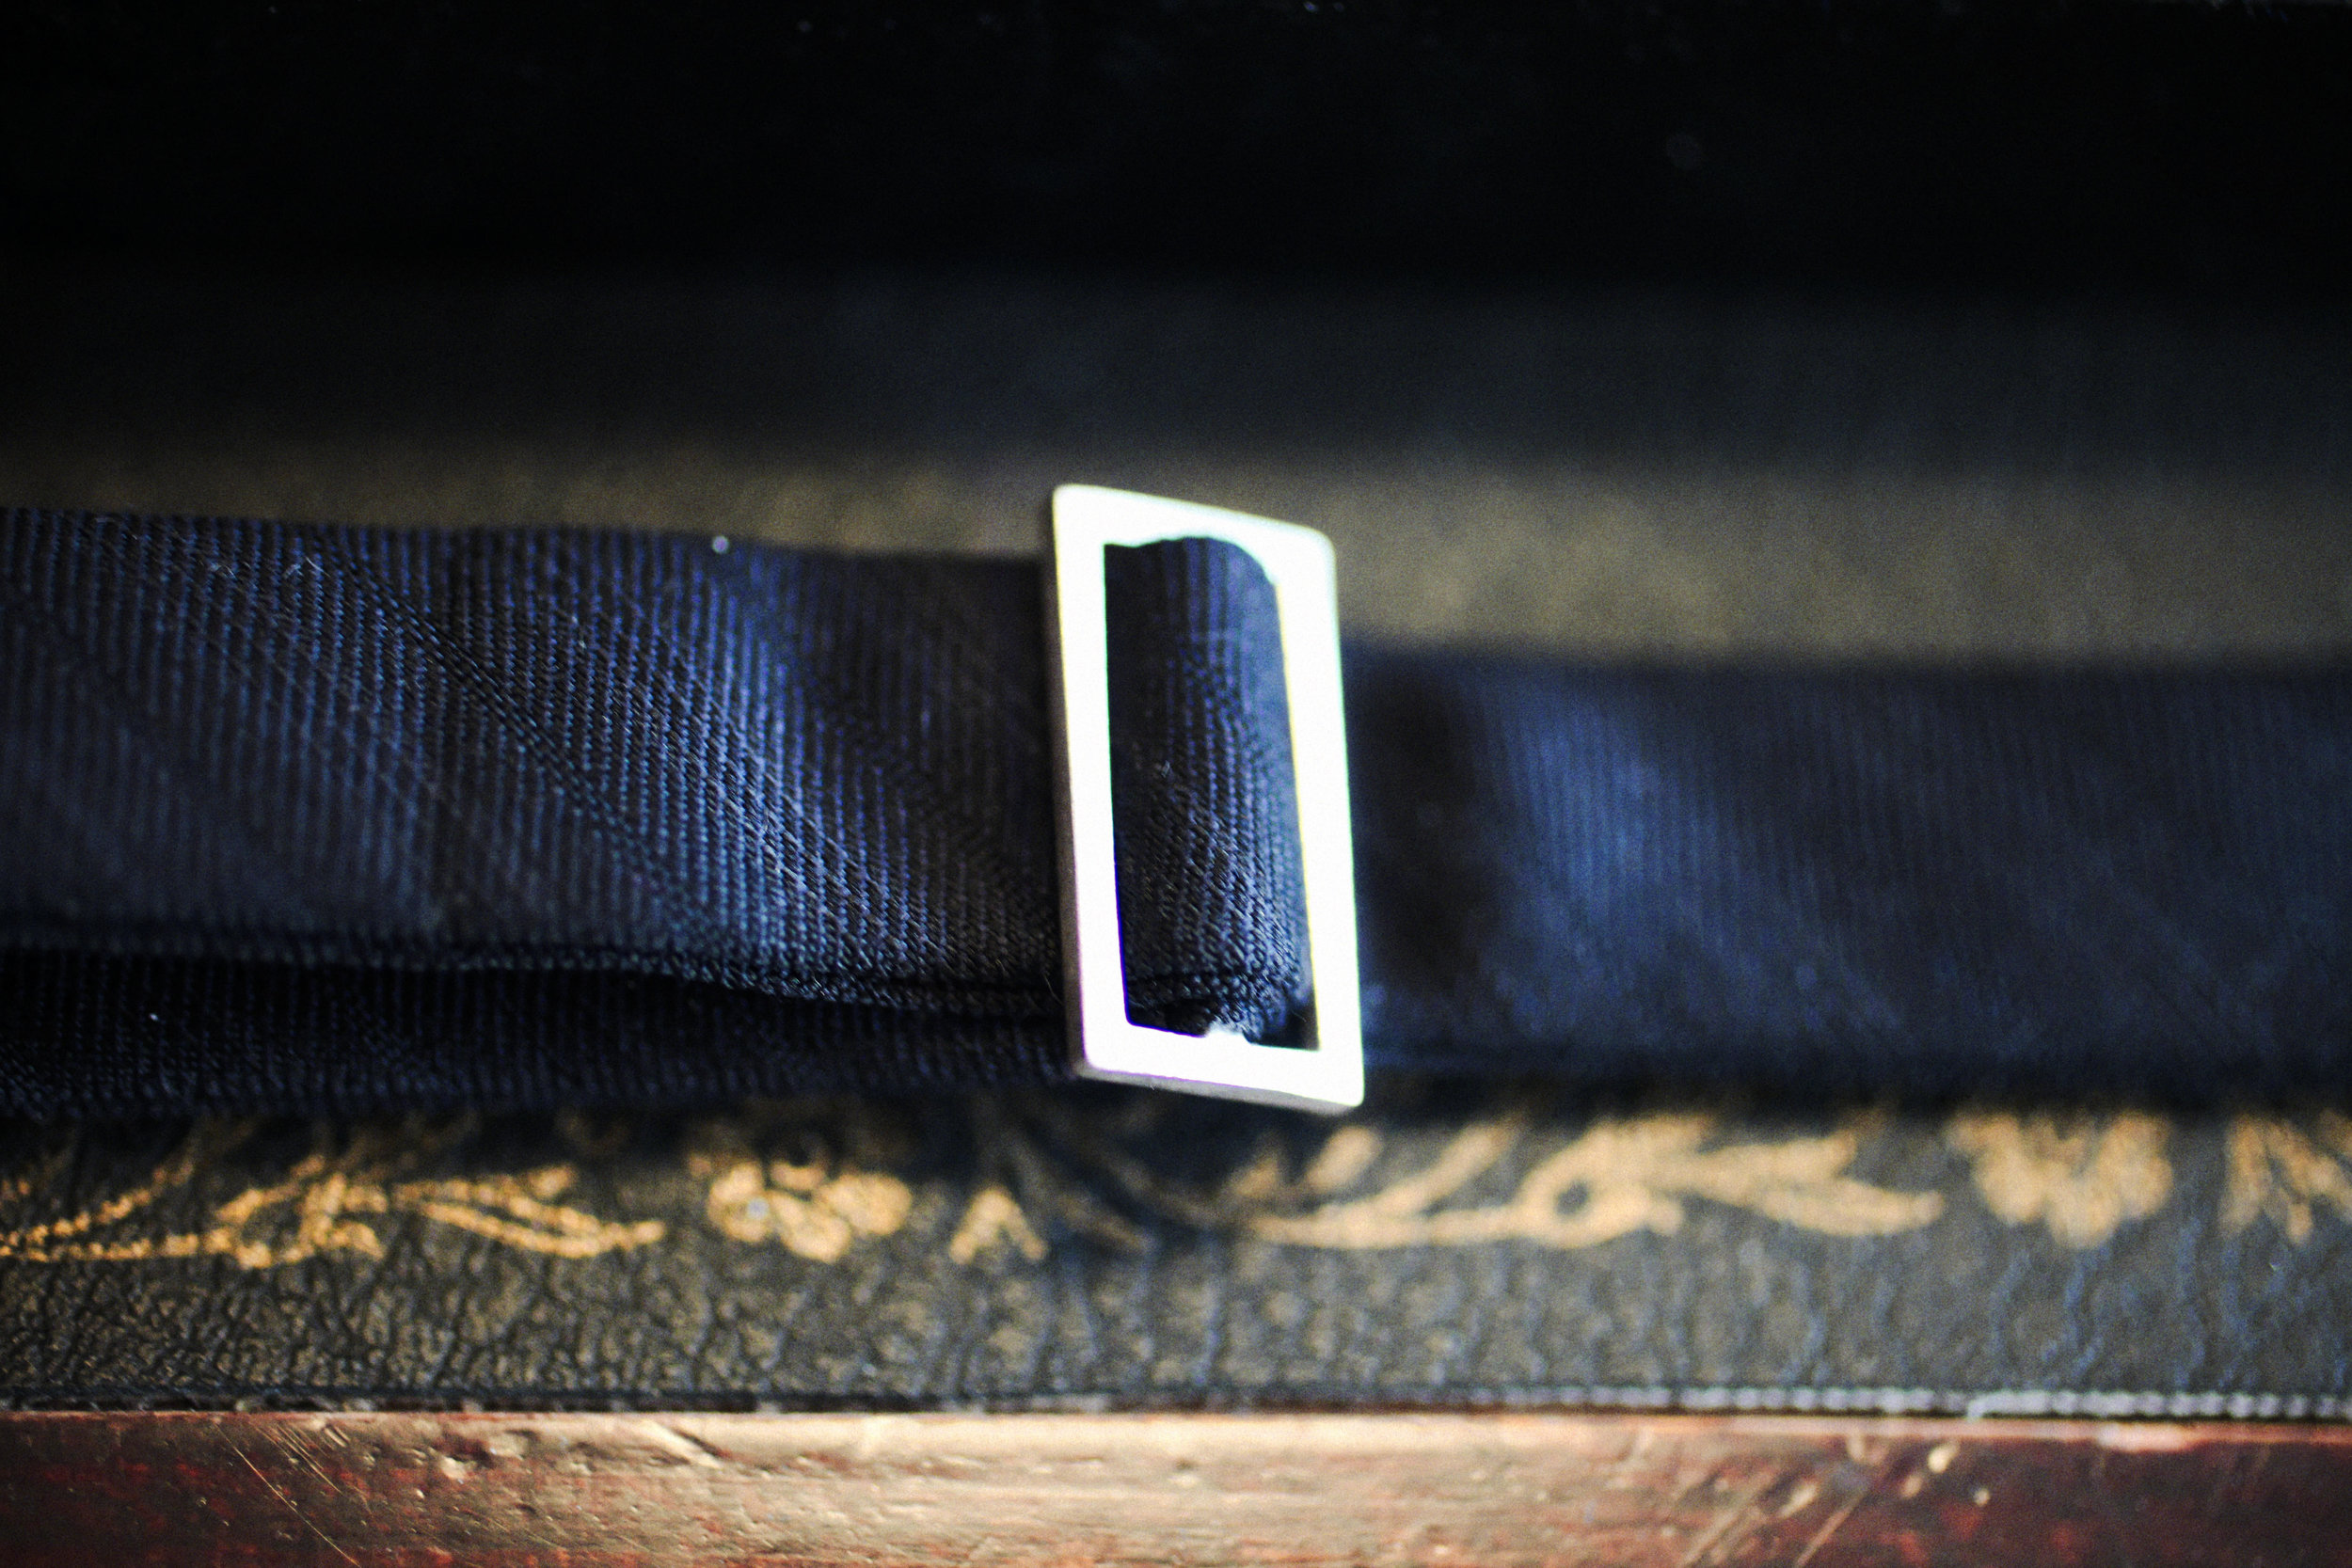 Fermoir en argent du noeud papillon : il est invisible une fois porté, un luxe discret qu'apprécie beaucoup Samuel